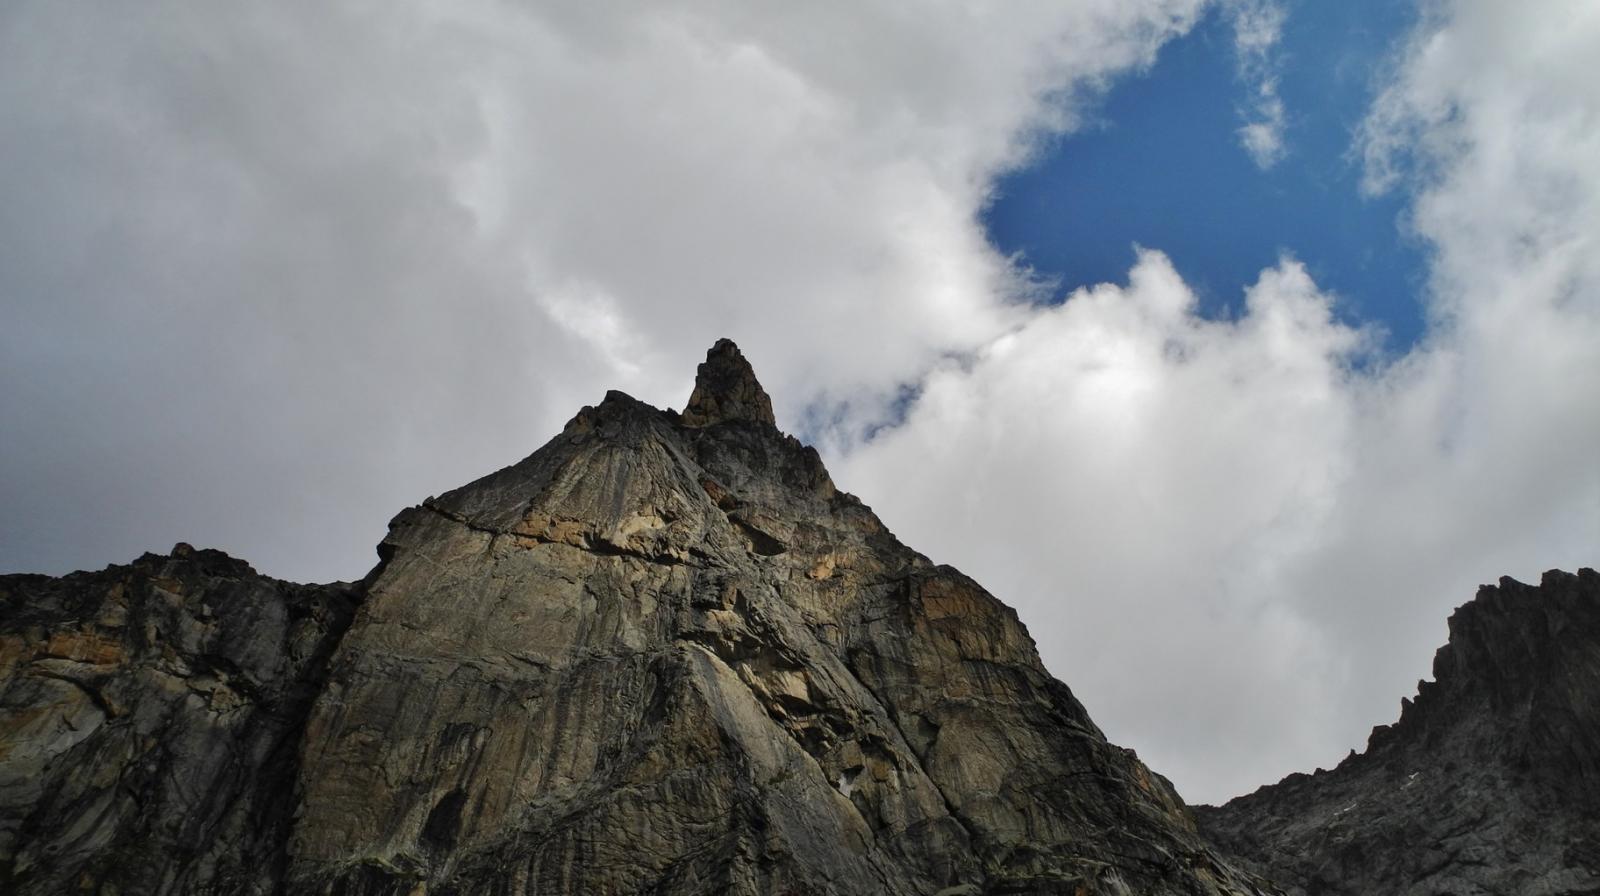 Dibona (Aiguille) Via Normale per la Cresta Nord 2014-08-11